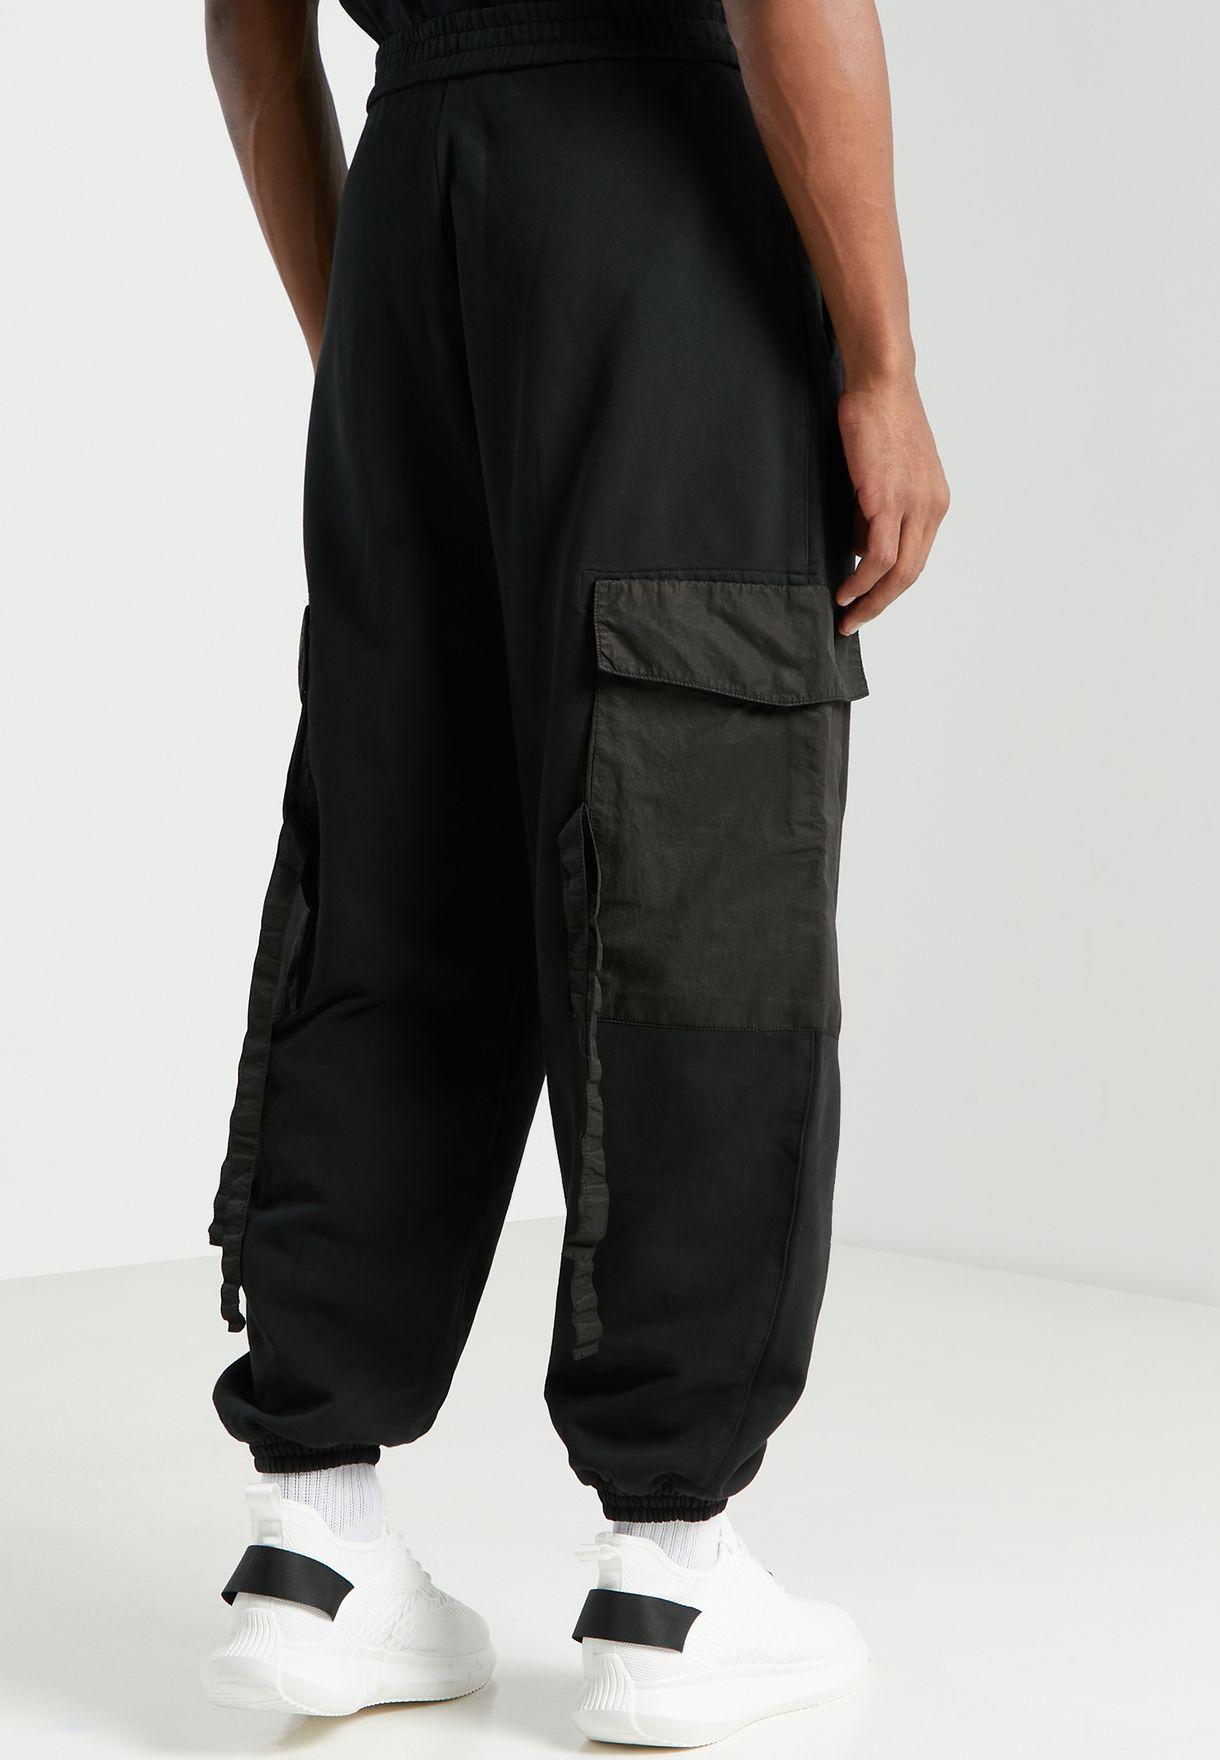 Pantalone Sweatpants